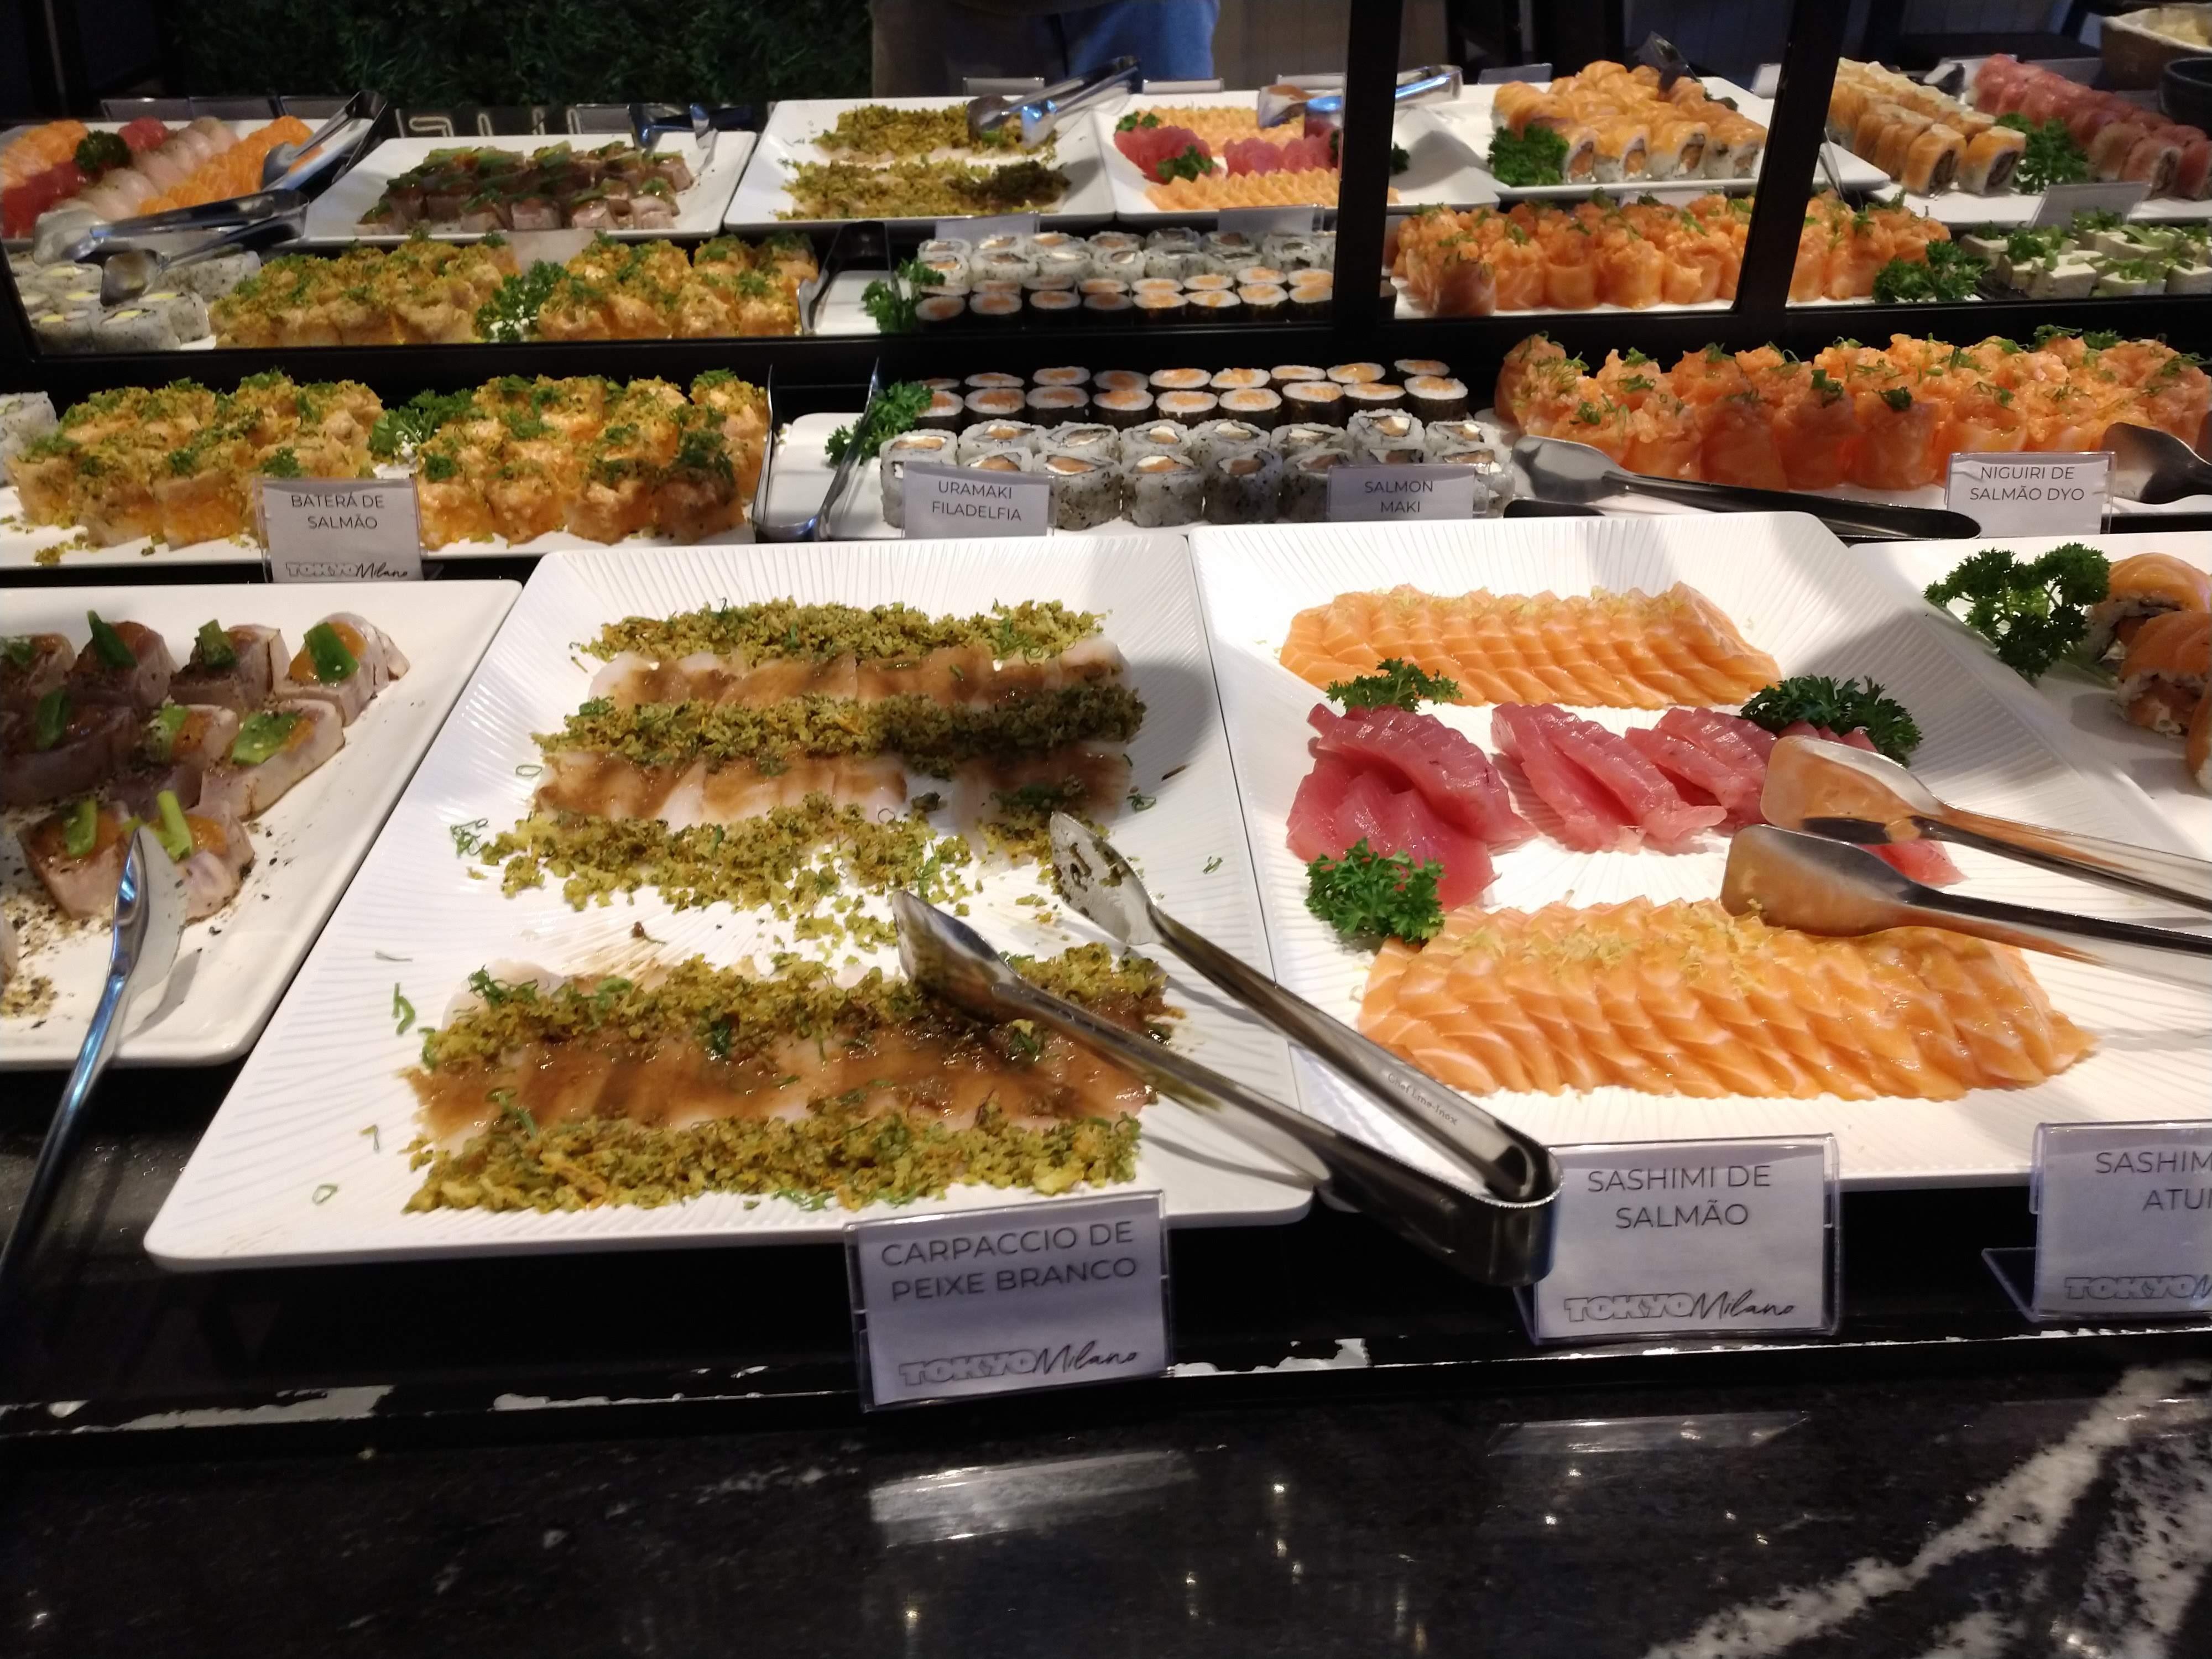 Sashimis e o carpaccio de peixe branco com farofinha crocante.